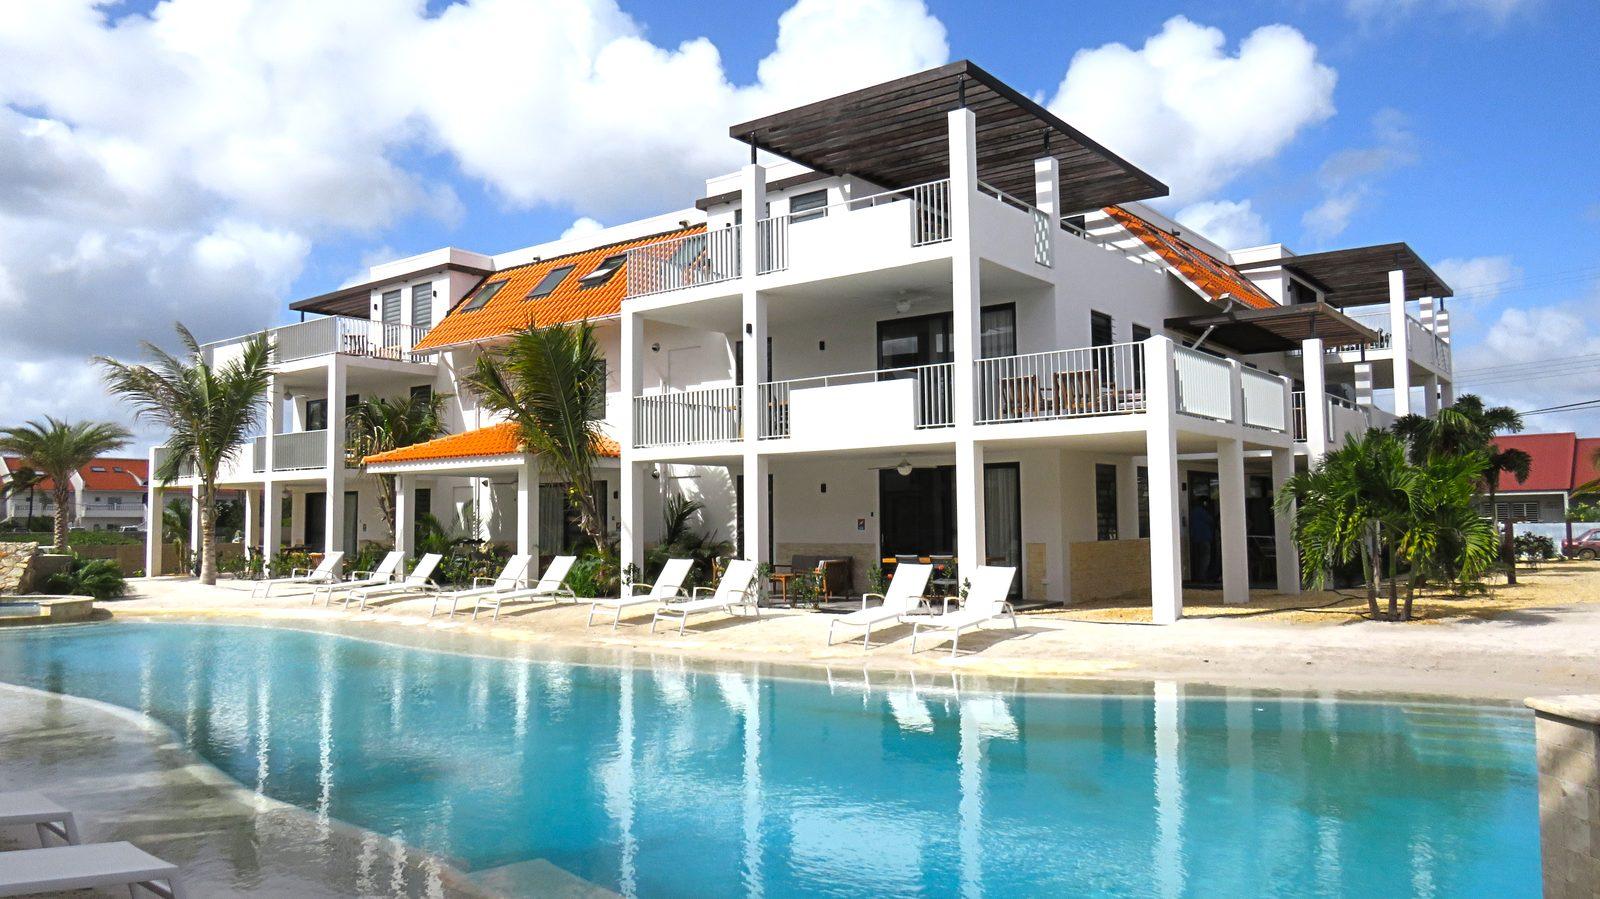 Resort Bonaire est l'un des meilleurs lieux pour séjourner à Bonaire. Vous pouvez vous y détendre et profiter de la merveilleuse ambiance qui règne sur l'île.